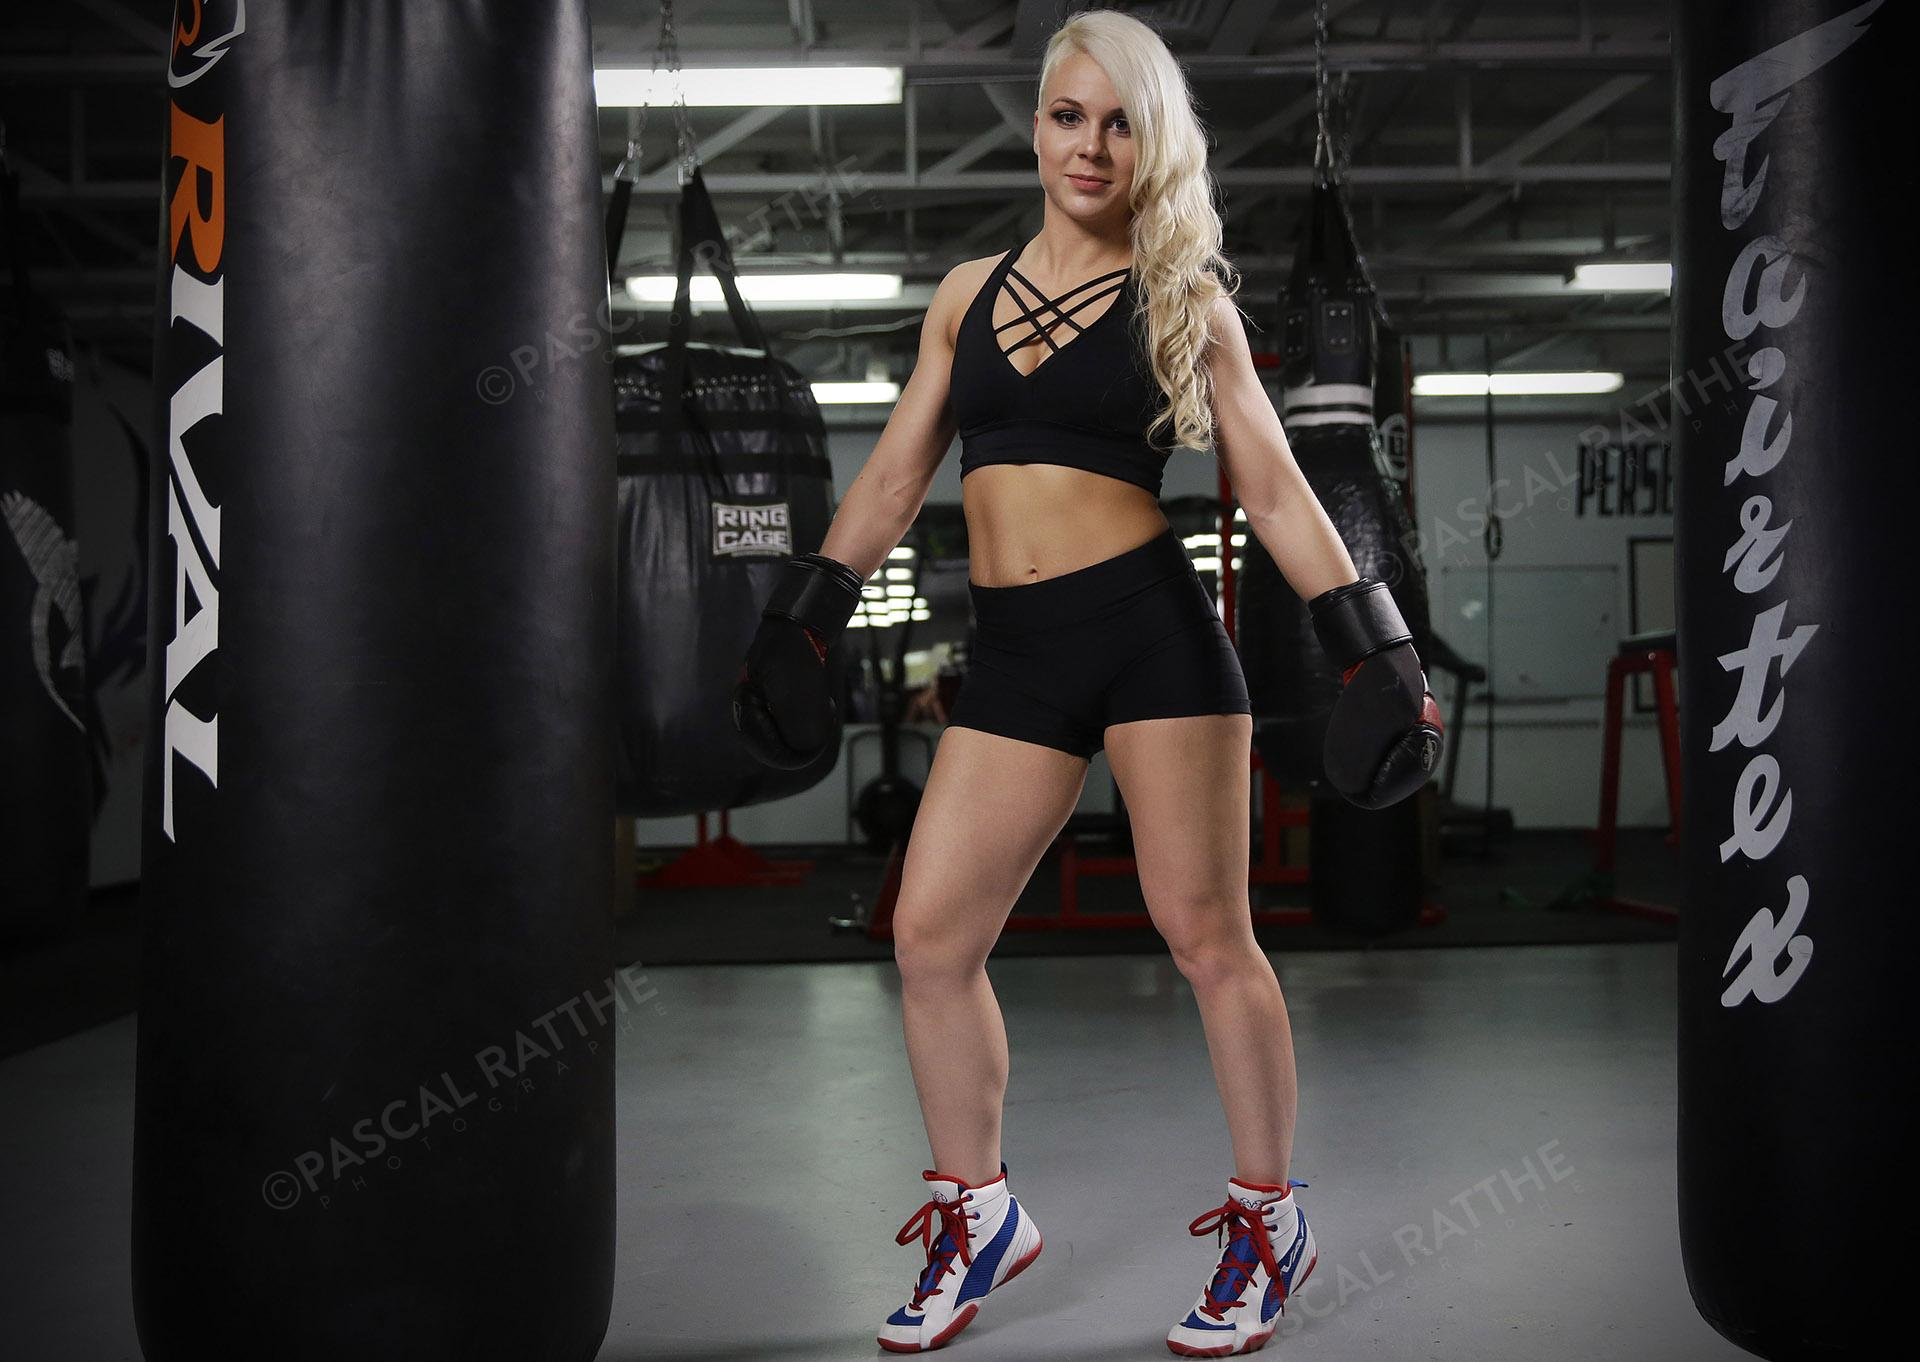 Émilie Gendron une jeune femme athlète de boxe pose fièrement avec ses gants